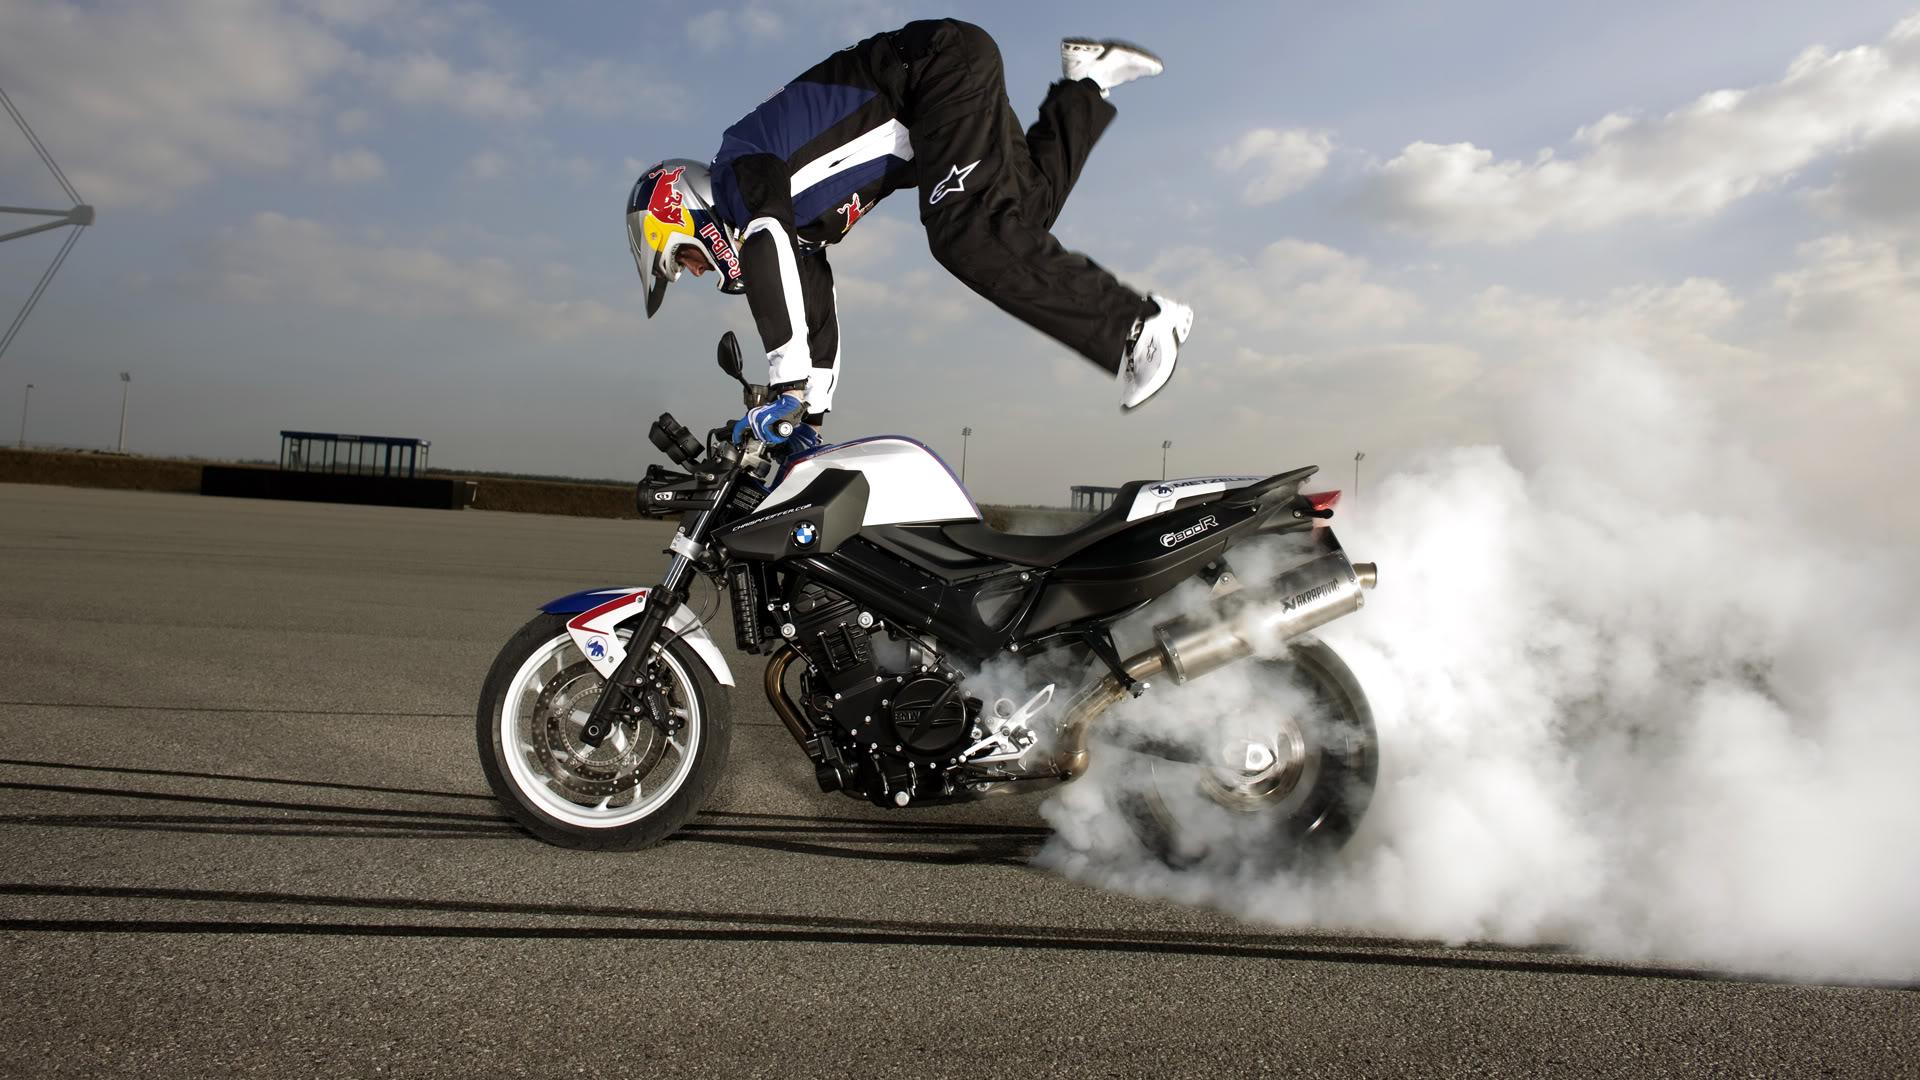 Stunts Wallpapers - WallpaperSafari